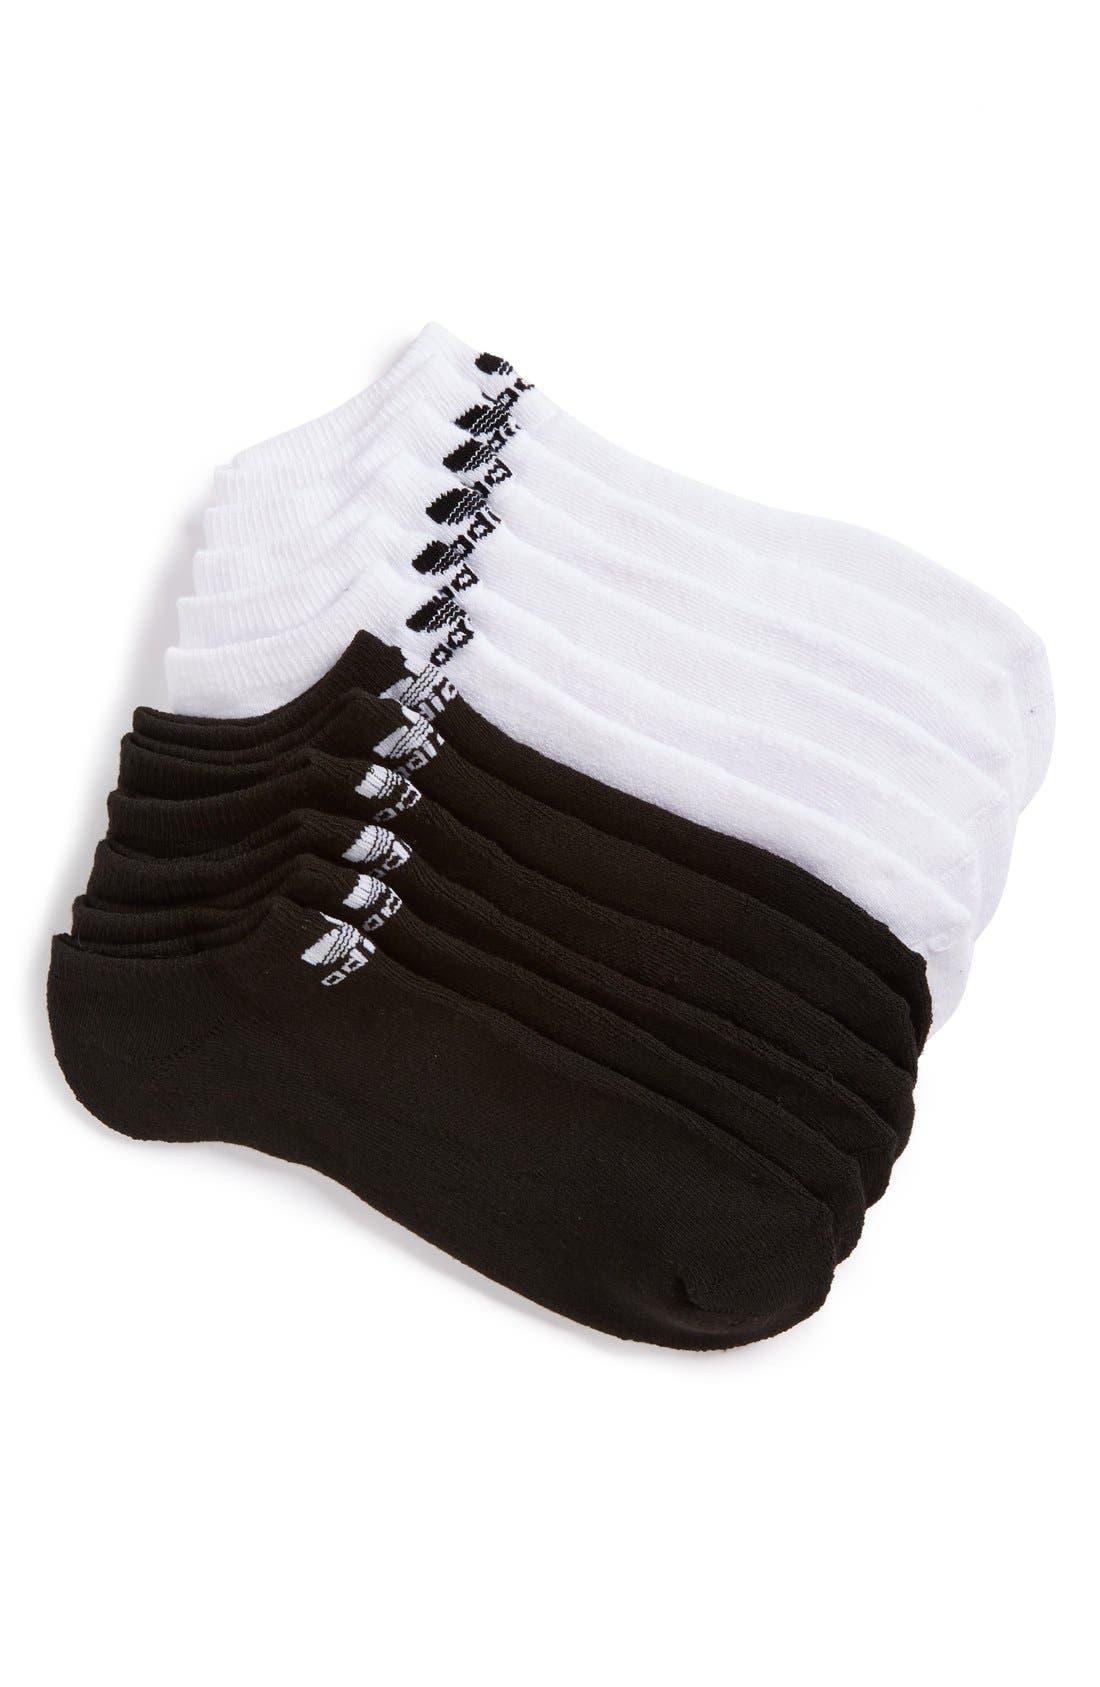 adidas 6-Pack Original Trefoil No-Show Socks